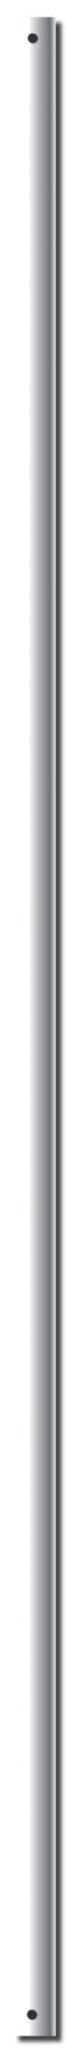 Tige Pour Ventilateur – Canarm – DR36CP56